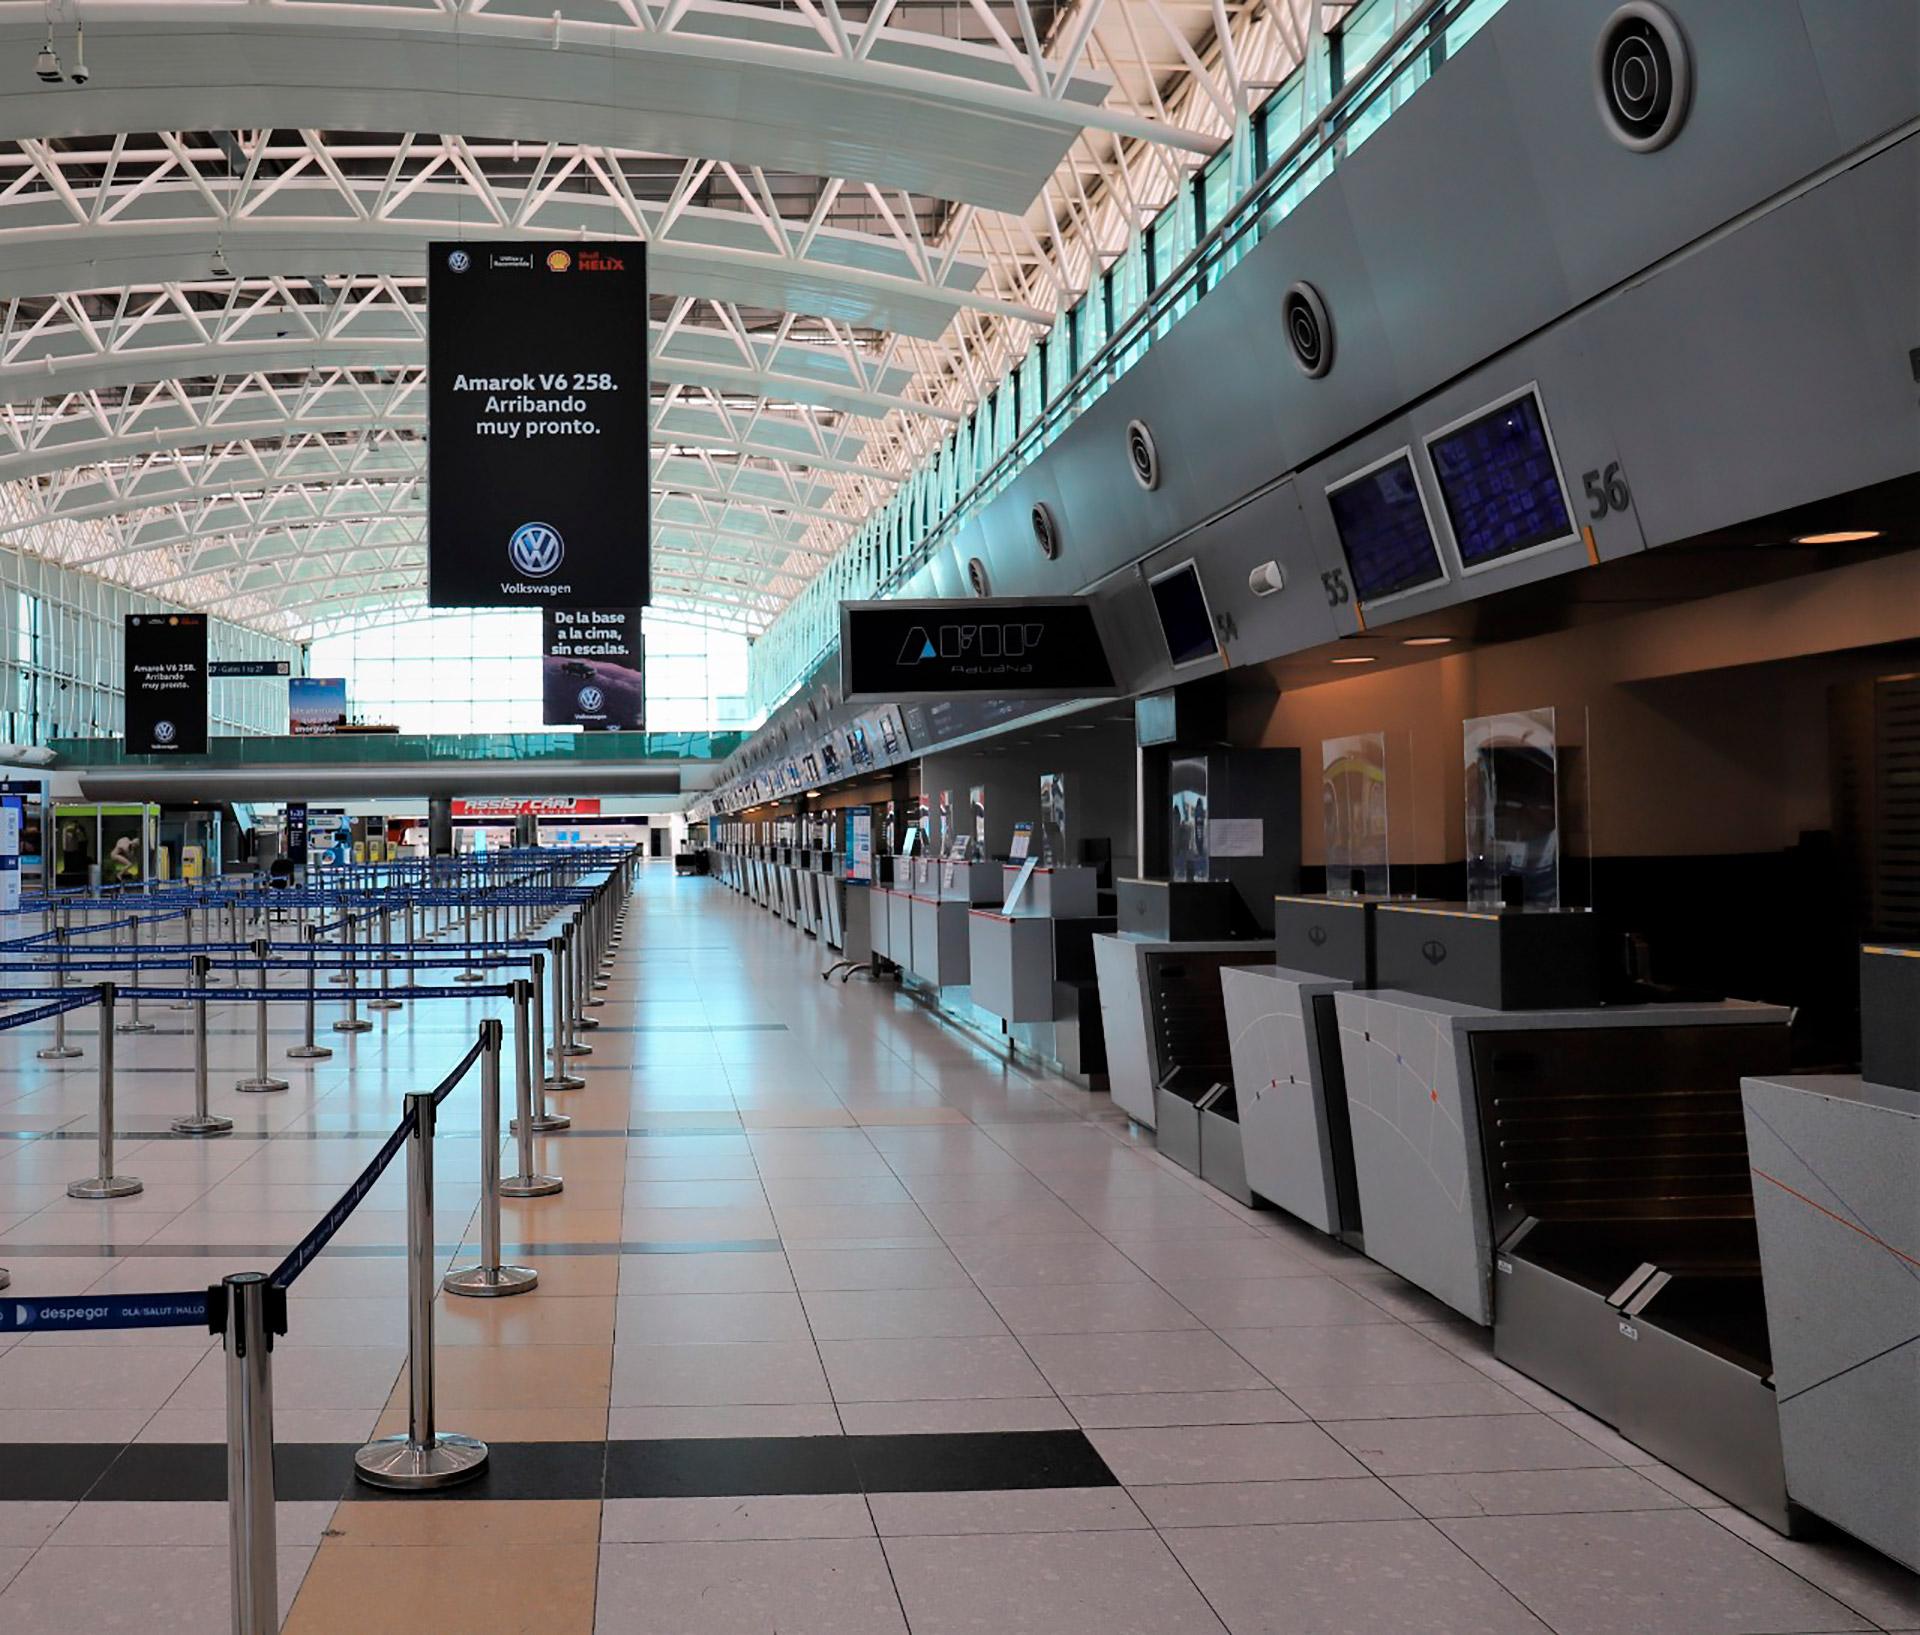 Desde el concesionario aeroportuario aseguraron que se intensificaron los procedimientos de limpieza y desinfección de espacios y elementos, pasamanos, picaportes y mangas de embarque